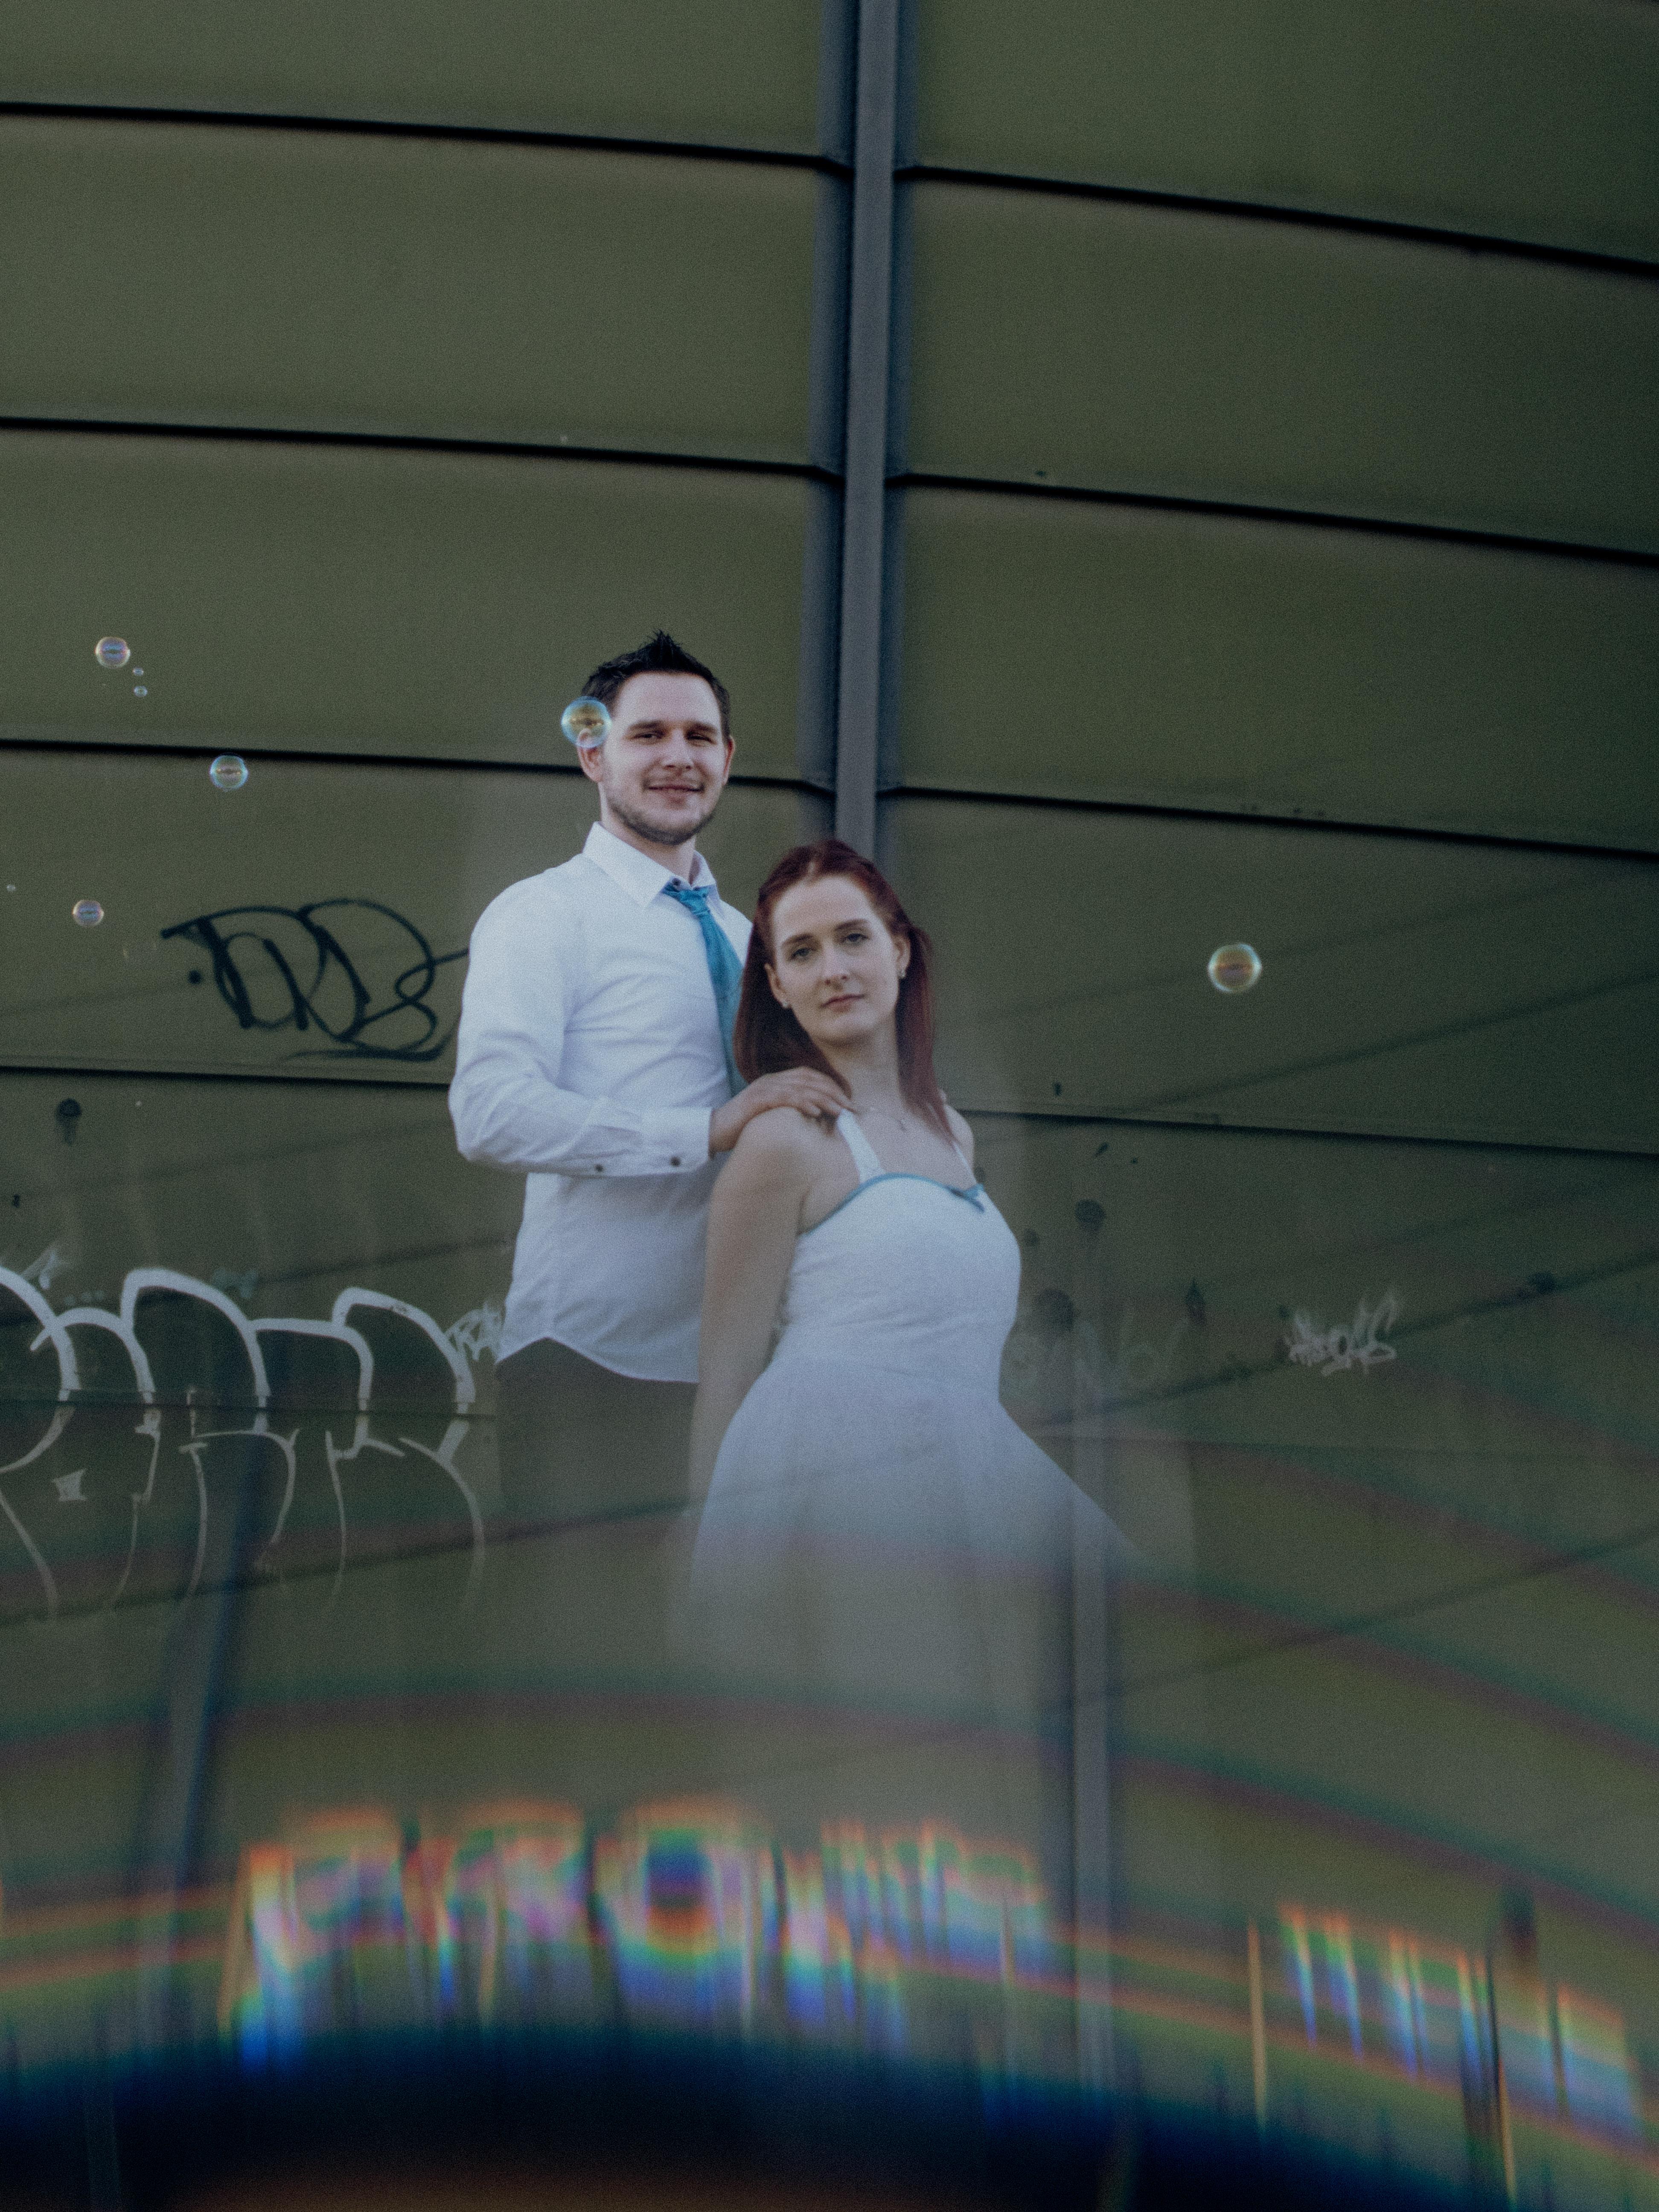 Hochzeitsfotograf NRW Die Fotovideografin